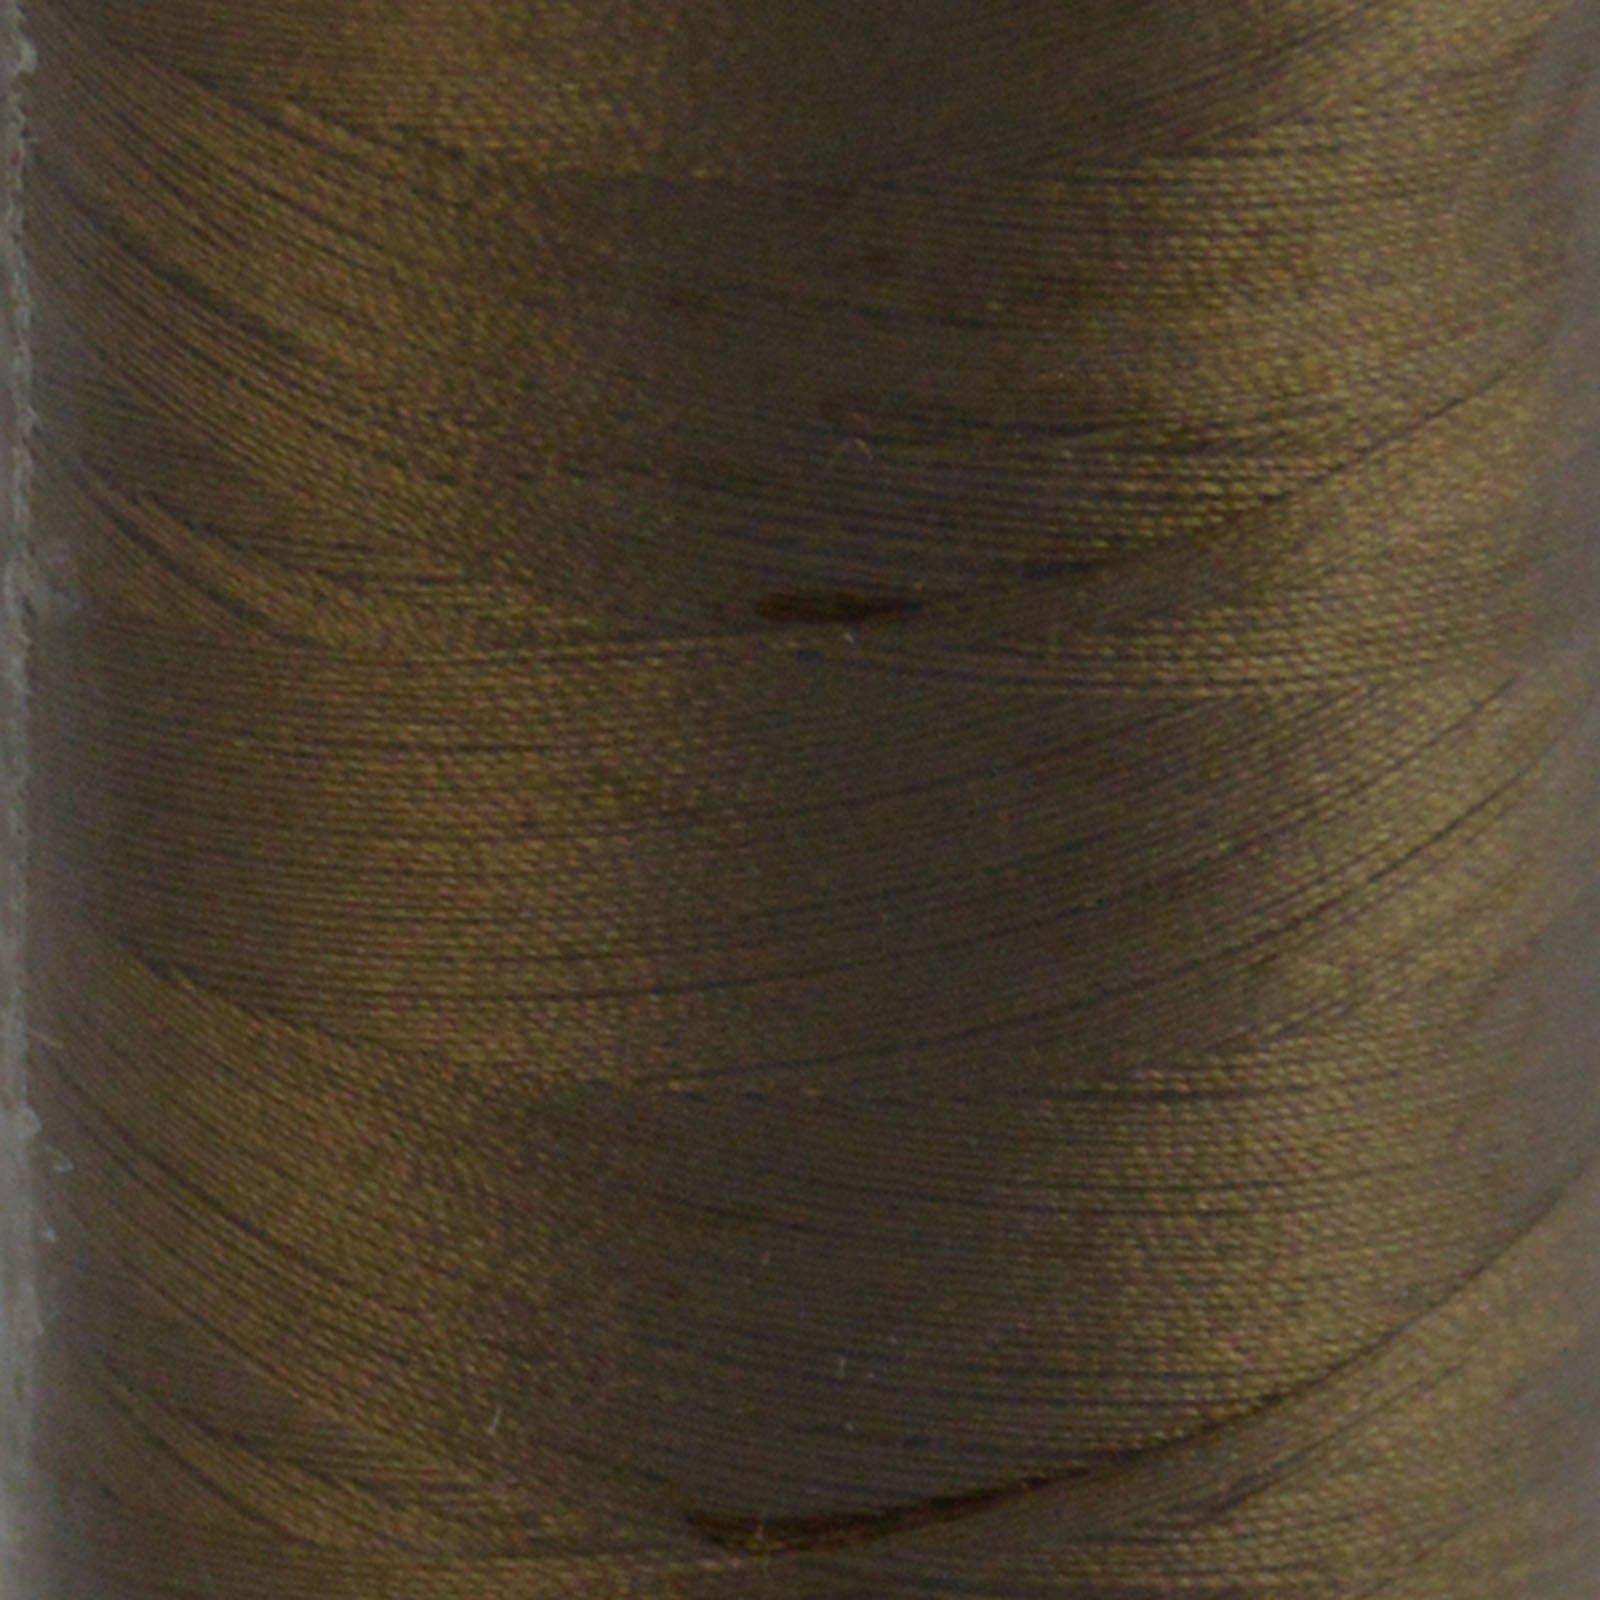 # 2372 Dark Antique Gold